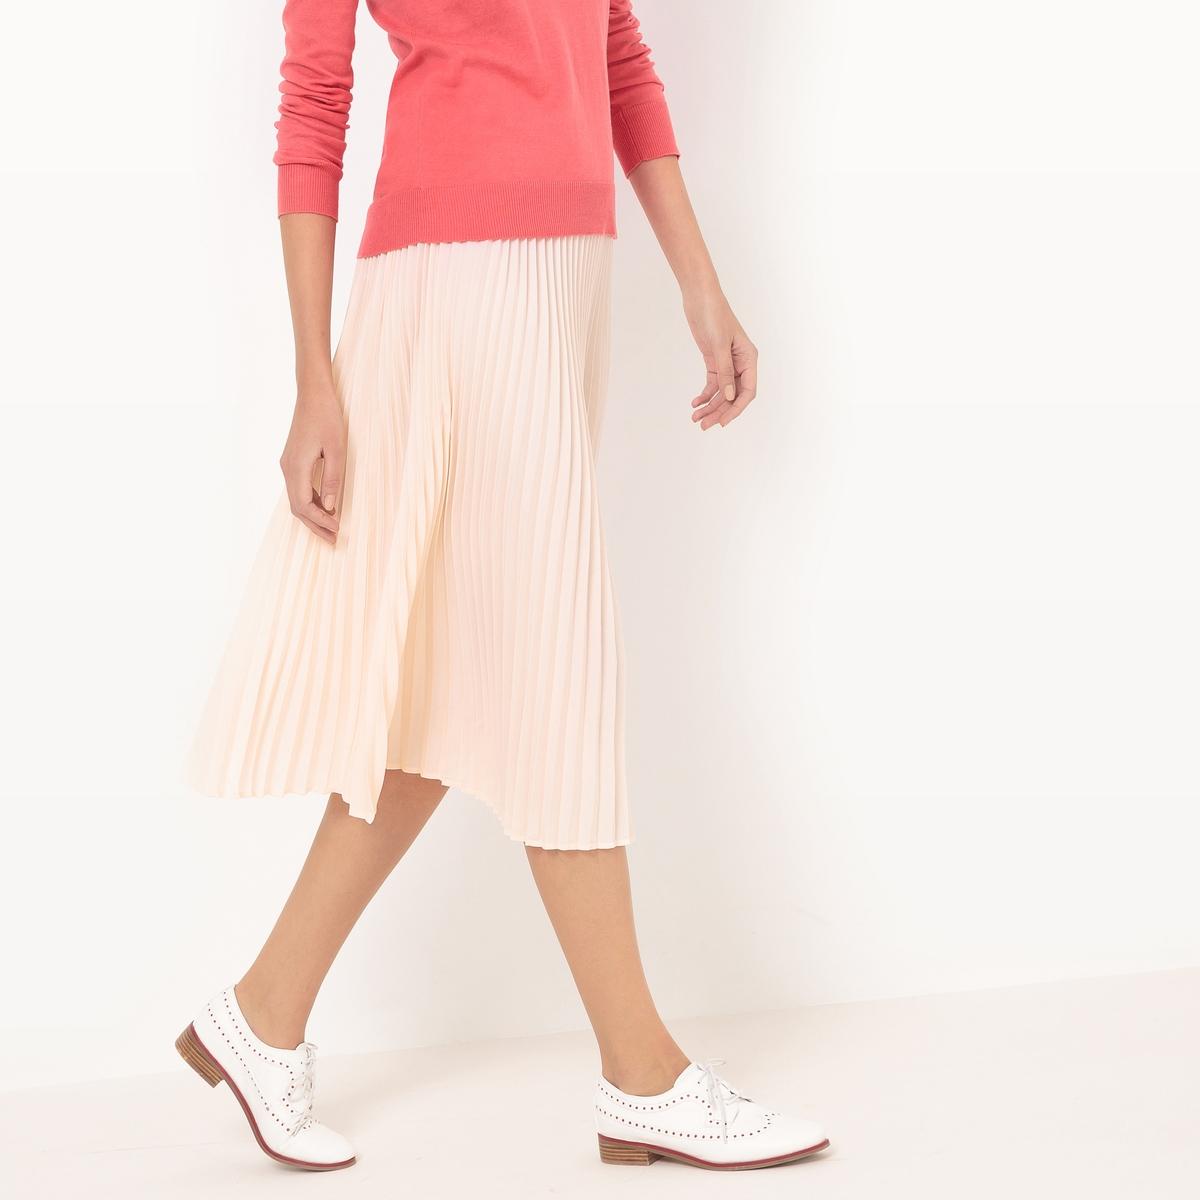 Юбка с плиссировкой, длина мидиМатериал : 100% полиэстера       Рисунок : Однотонная модель      Длина юбки : до колен        Стирка : машинная стирка при 30 °С      Уход : сухая чистка и отбеливание запрещены.       Глажка : при низкой температуре<br><br>Цвет: розовый телесный<br>Размер: 48 (FR) - 54 (RUS).46 (FR) - 52 (RUS).44 (FR) - 50 (RUS).42 (FR) - 48 (RUS).34 (FR) - 40 (RUS)